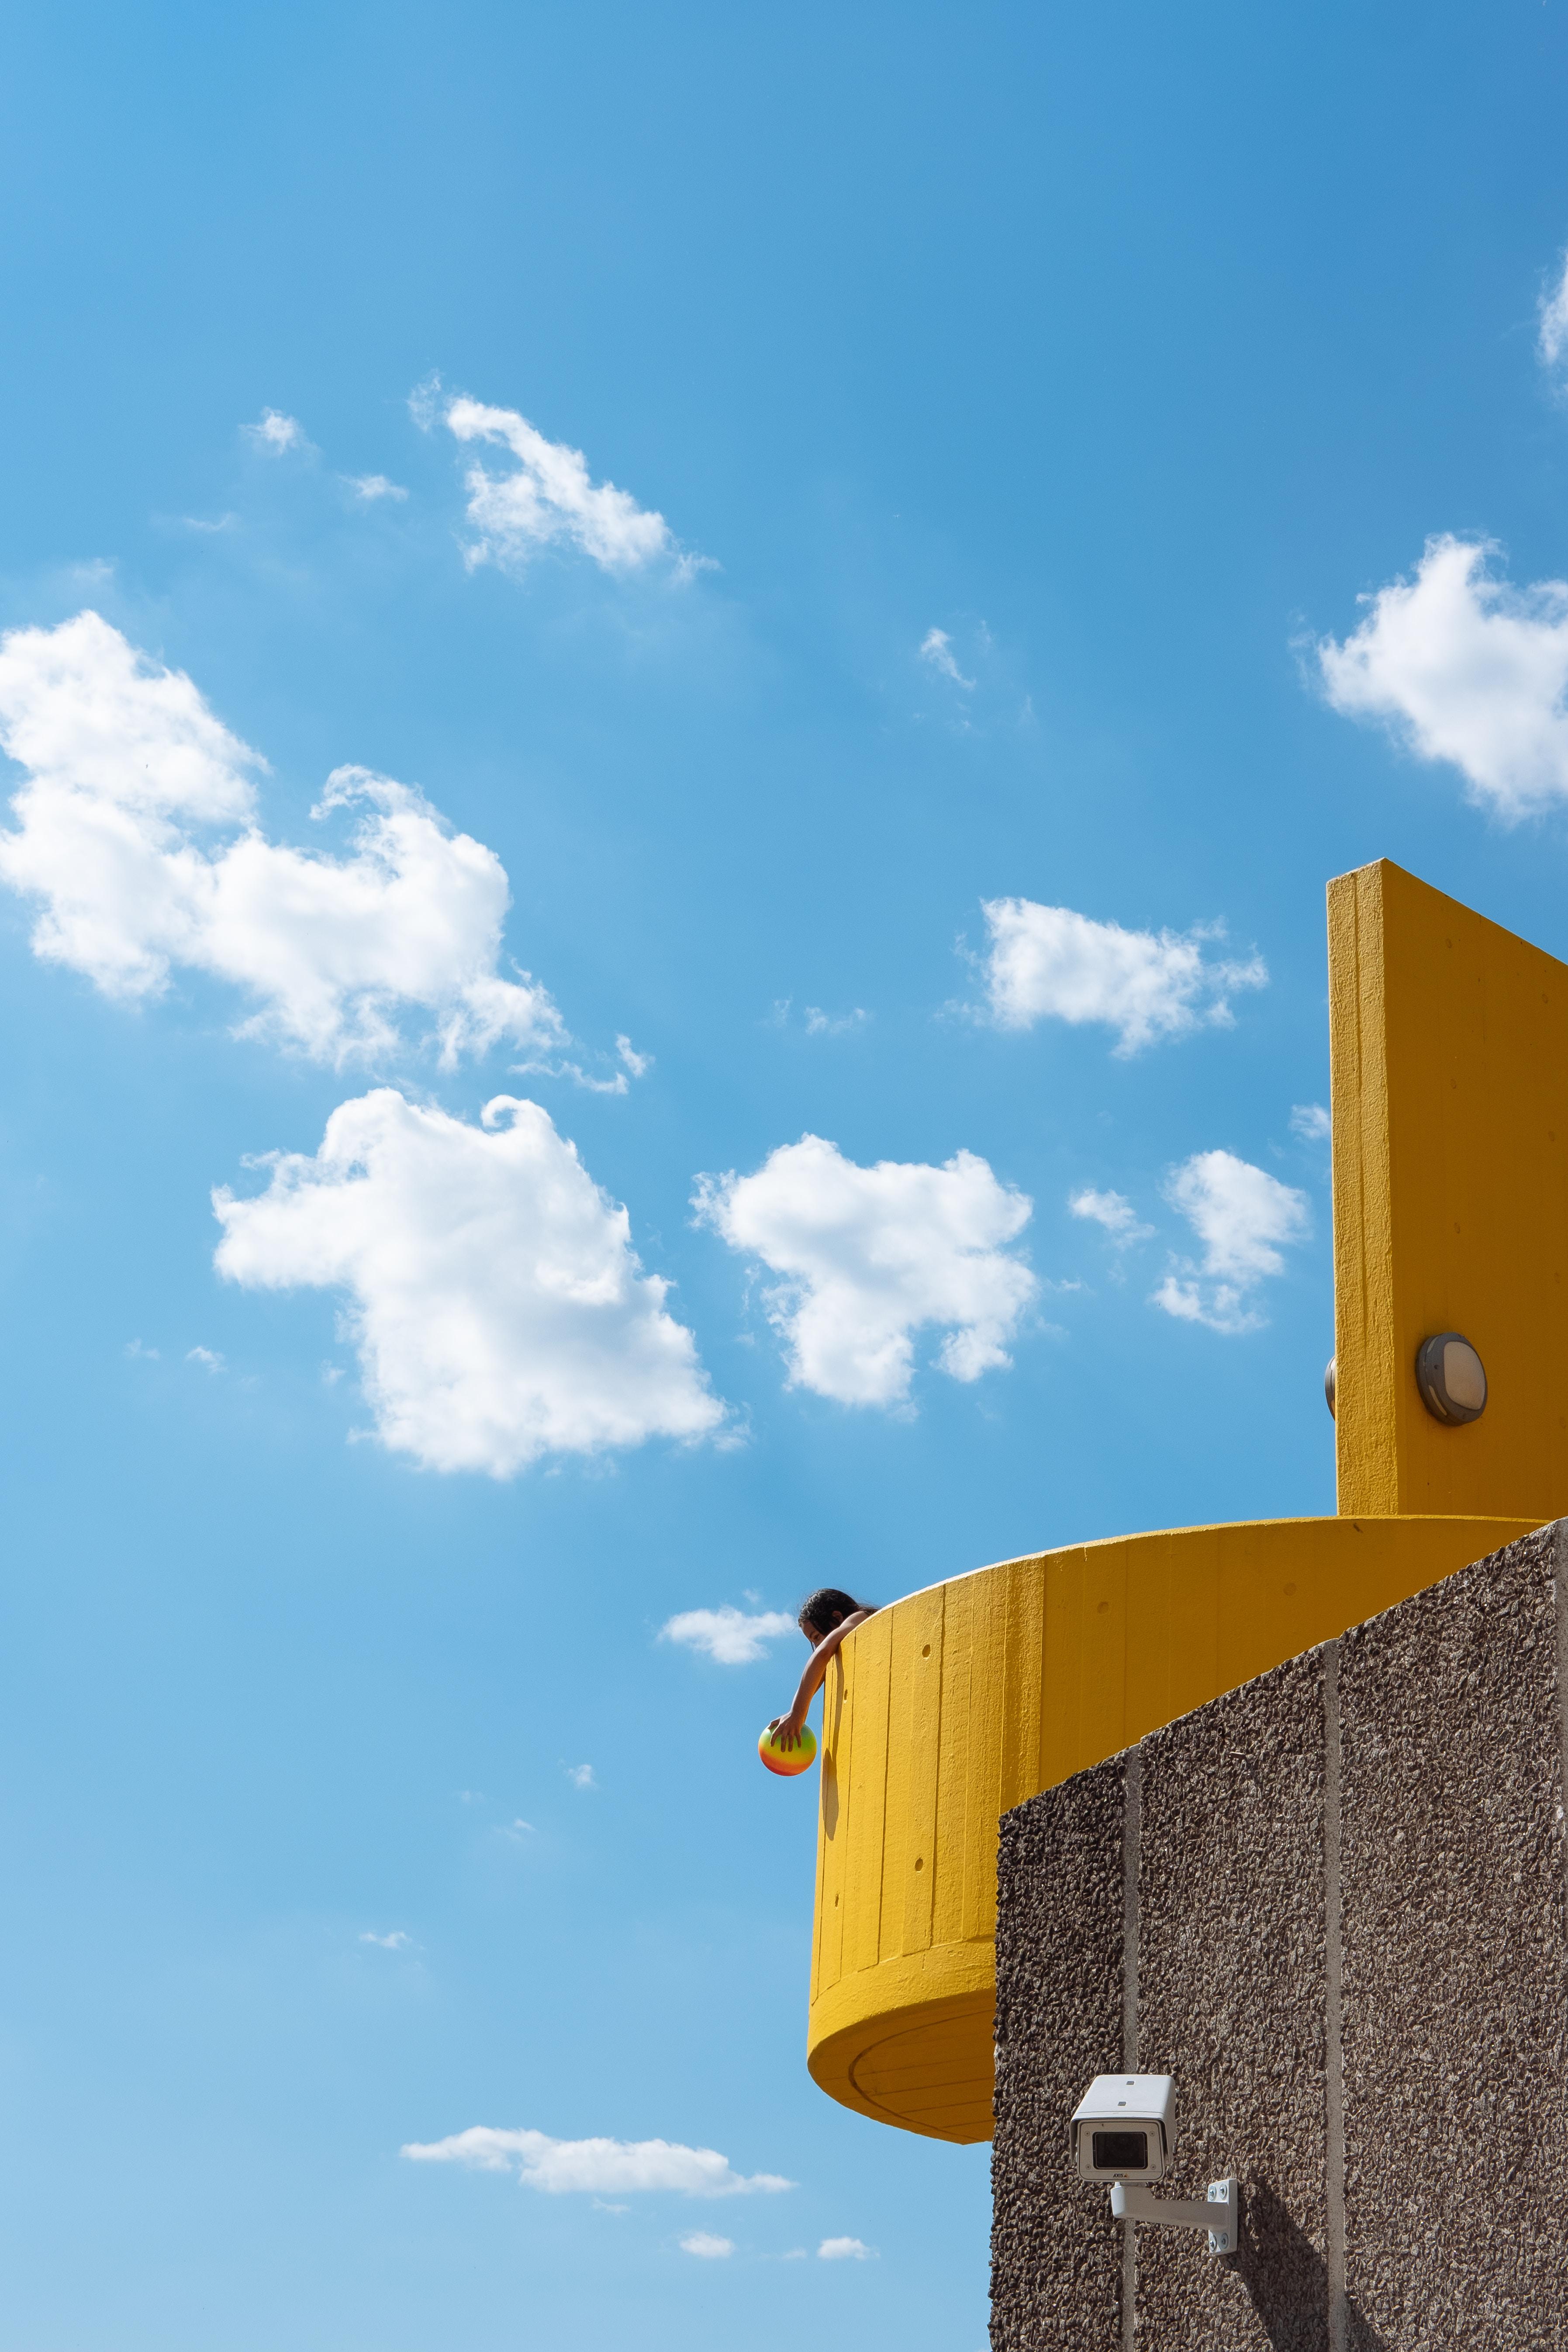 blue cloudy sunny sky